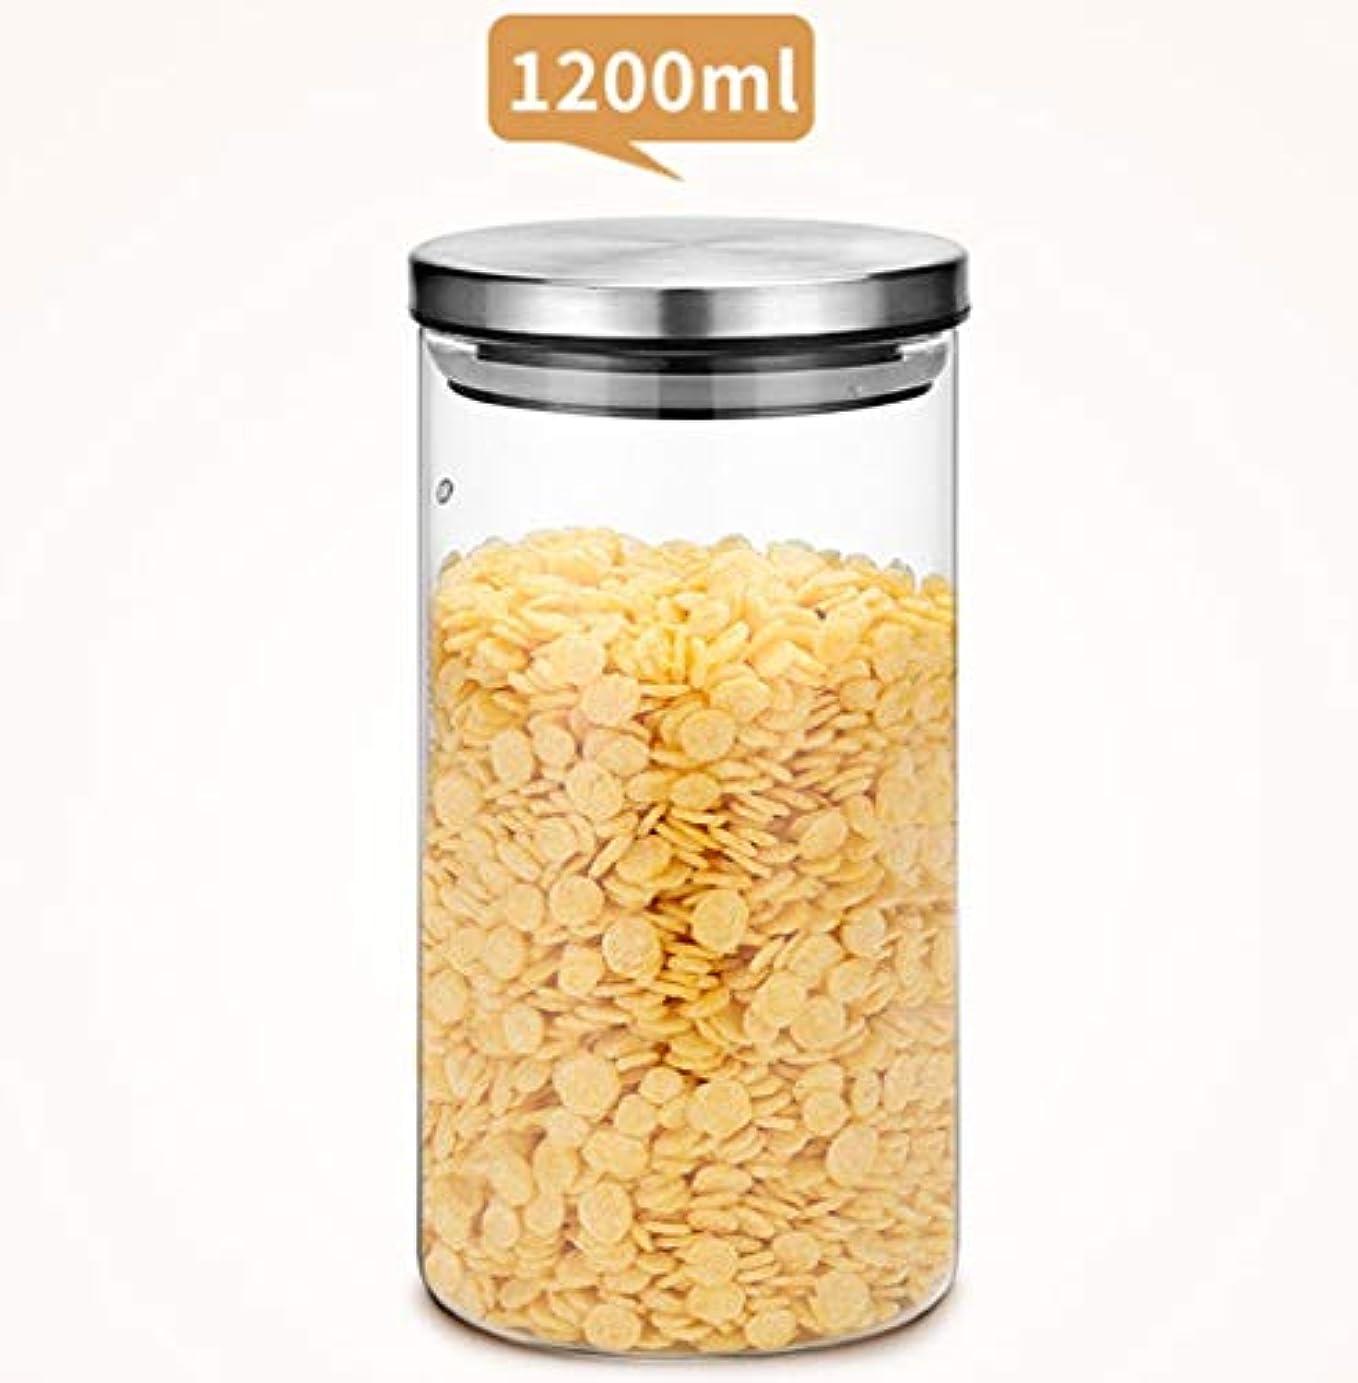 伝染性のモジュール執着ガラスストレージジャースリーピースステンレススチールカバーガラスティーポットキッチン雑多な食品貯蔵瓶